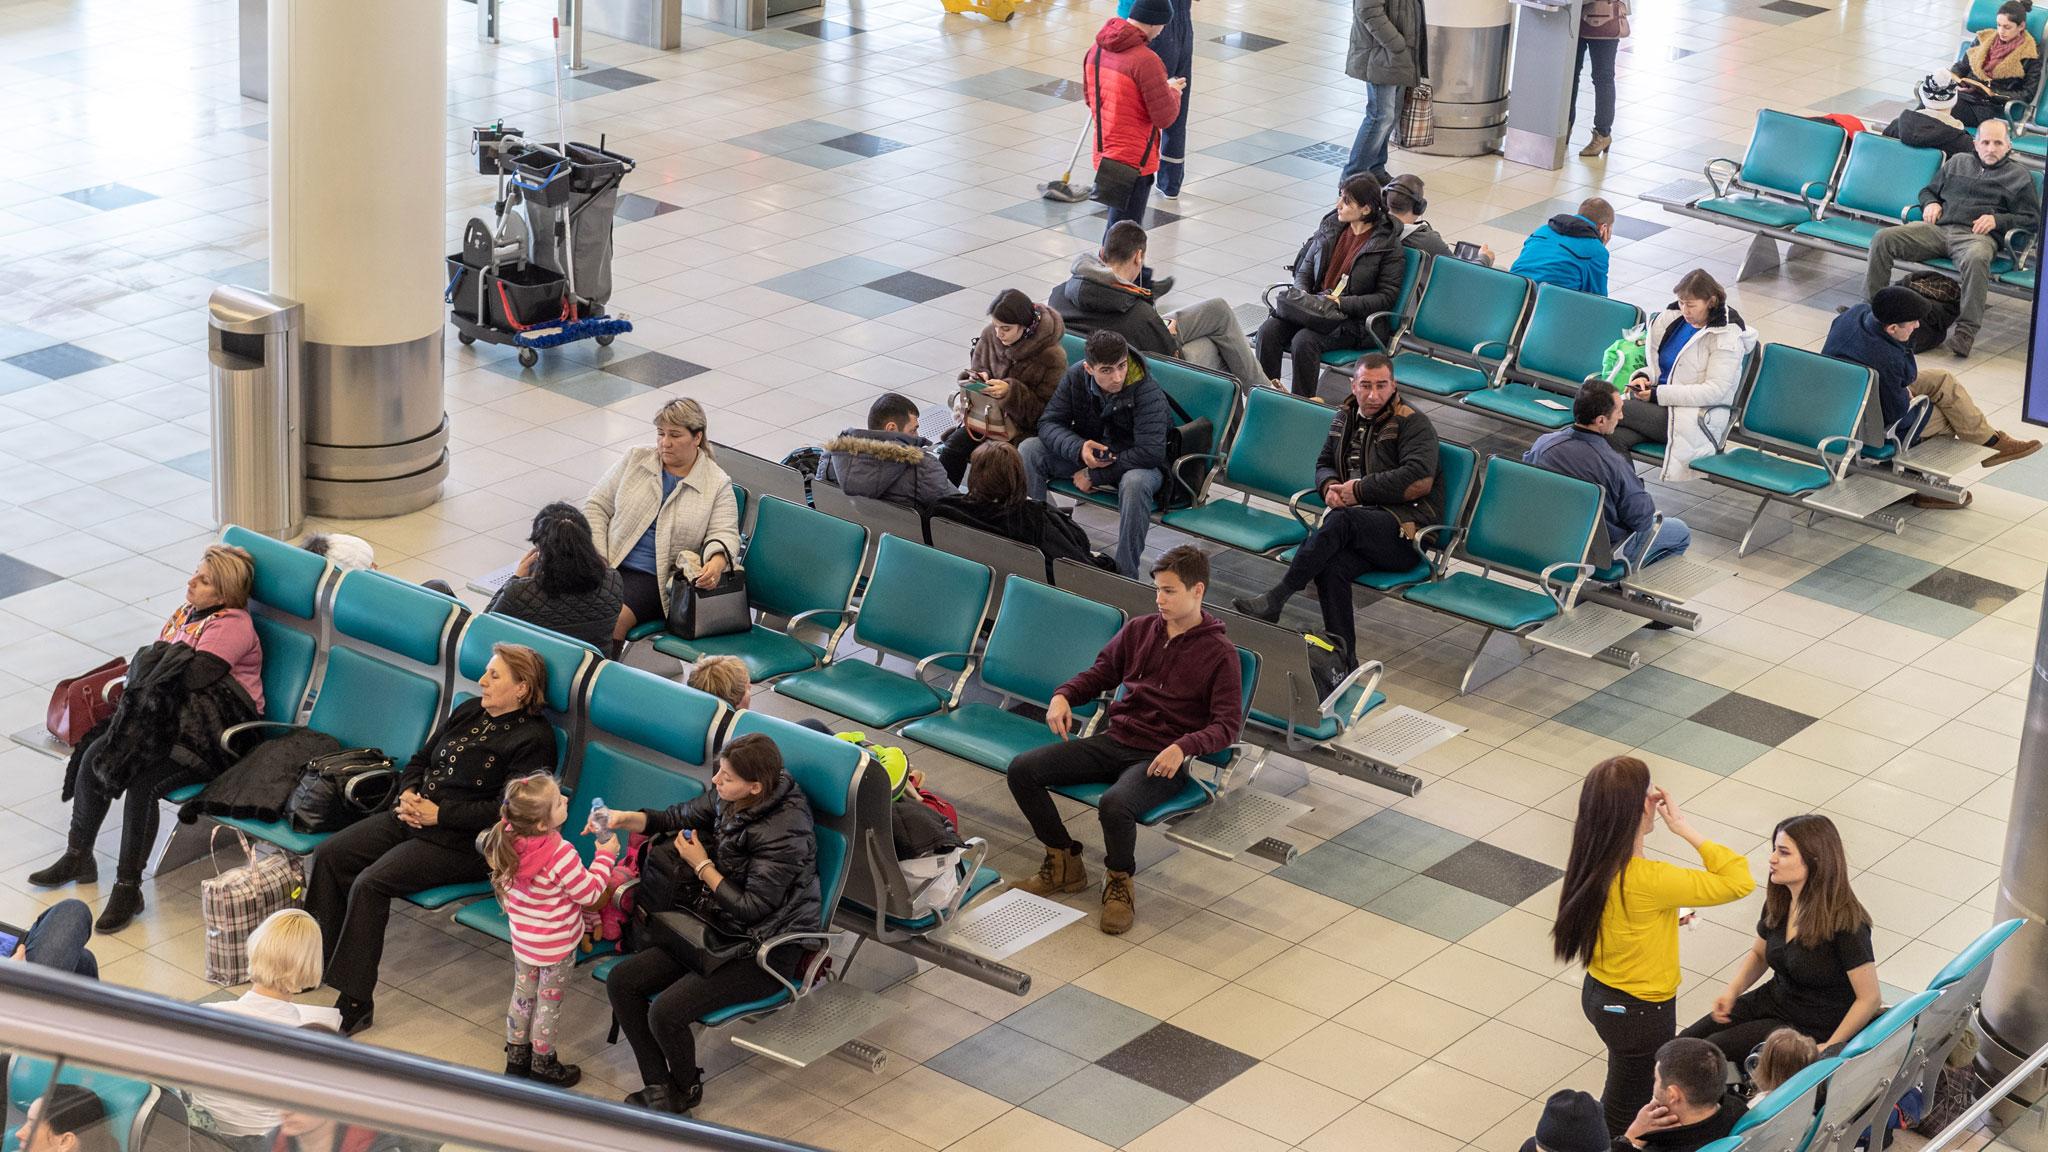 Чтобы наверняка успеть сдать багаж, особенно негабаритный, приезжайте в аэропорт пораньше. Фото: Михаил ФРОЛОВ